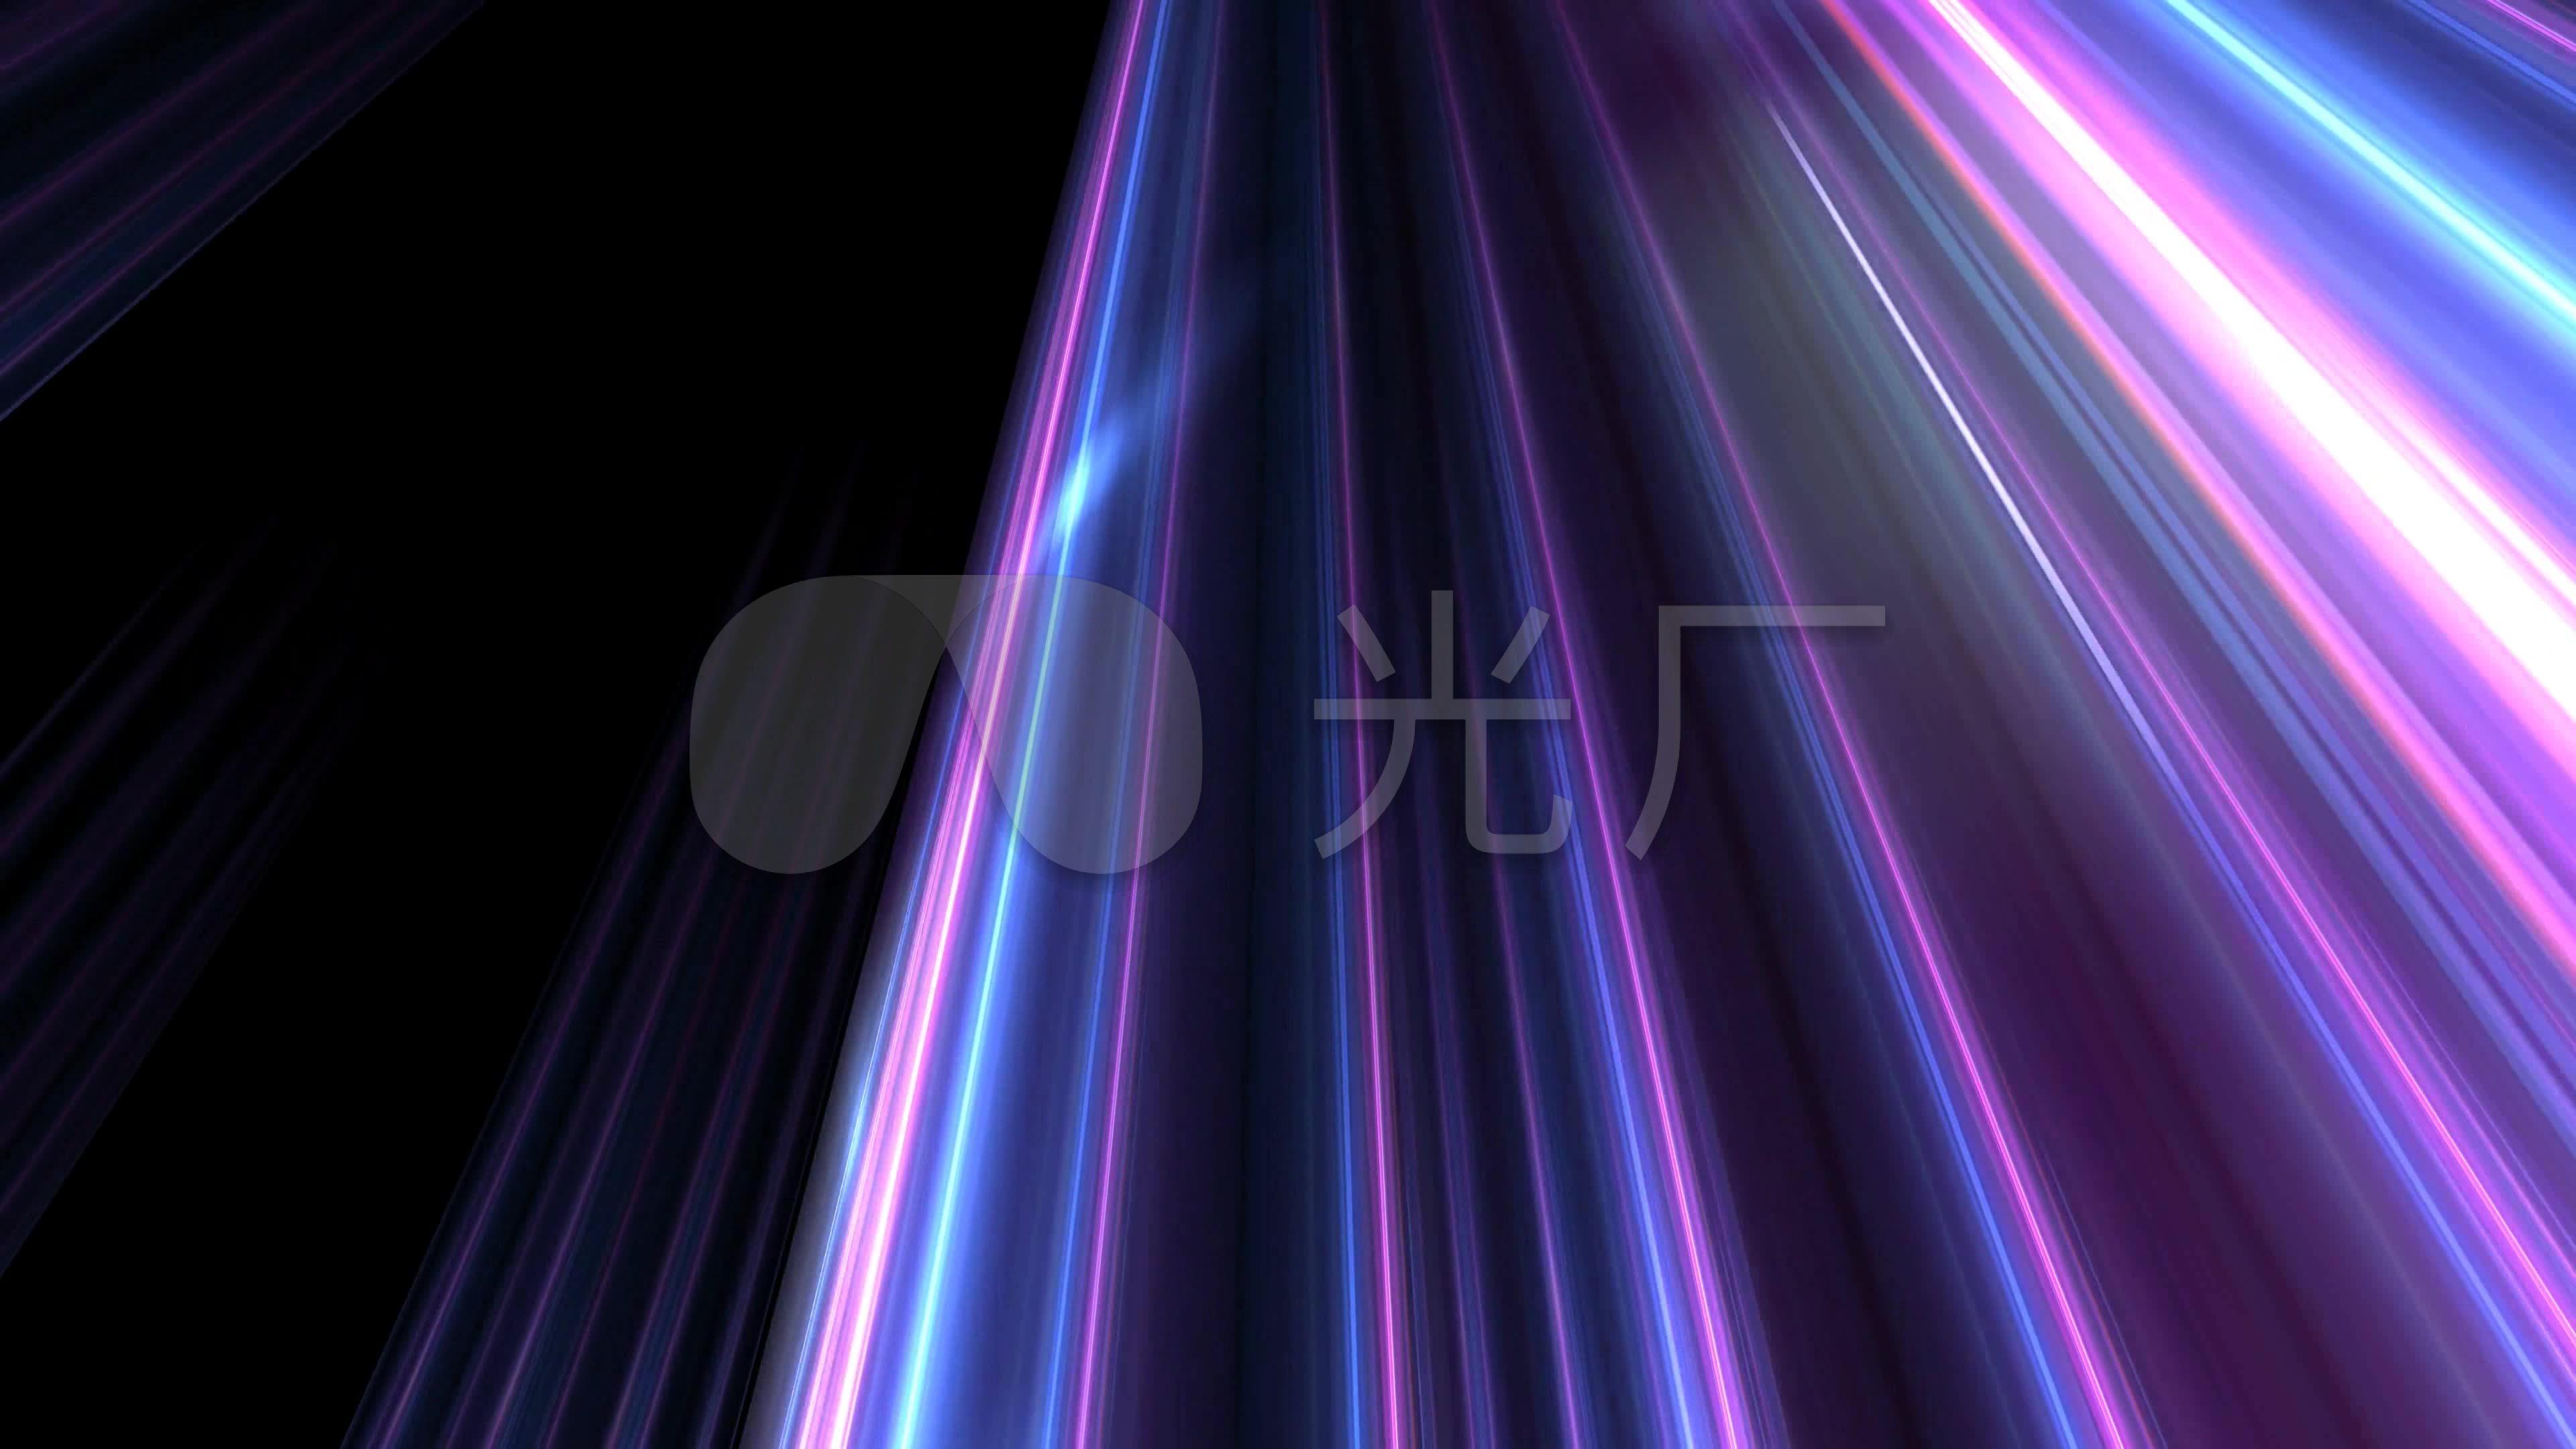 光�9aby�%_4k唯美光束_3840x2160_高清视频素材下载(编号:142634